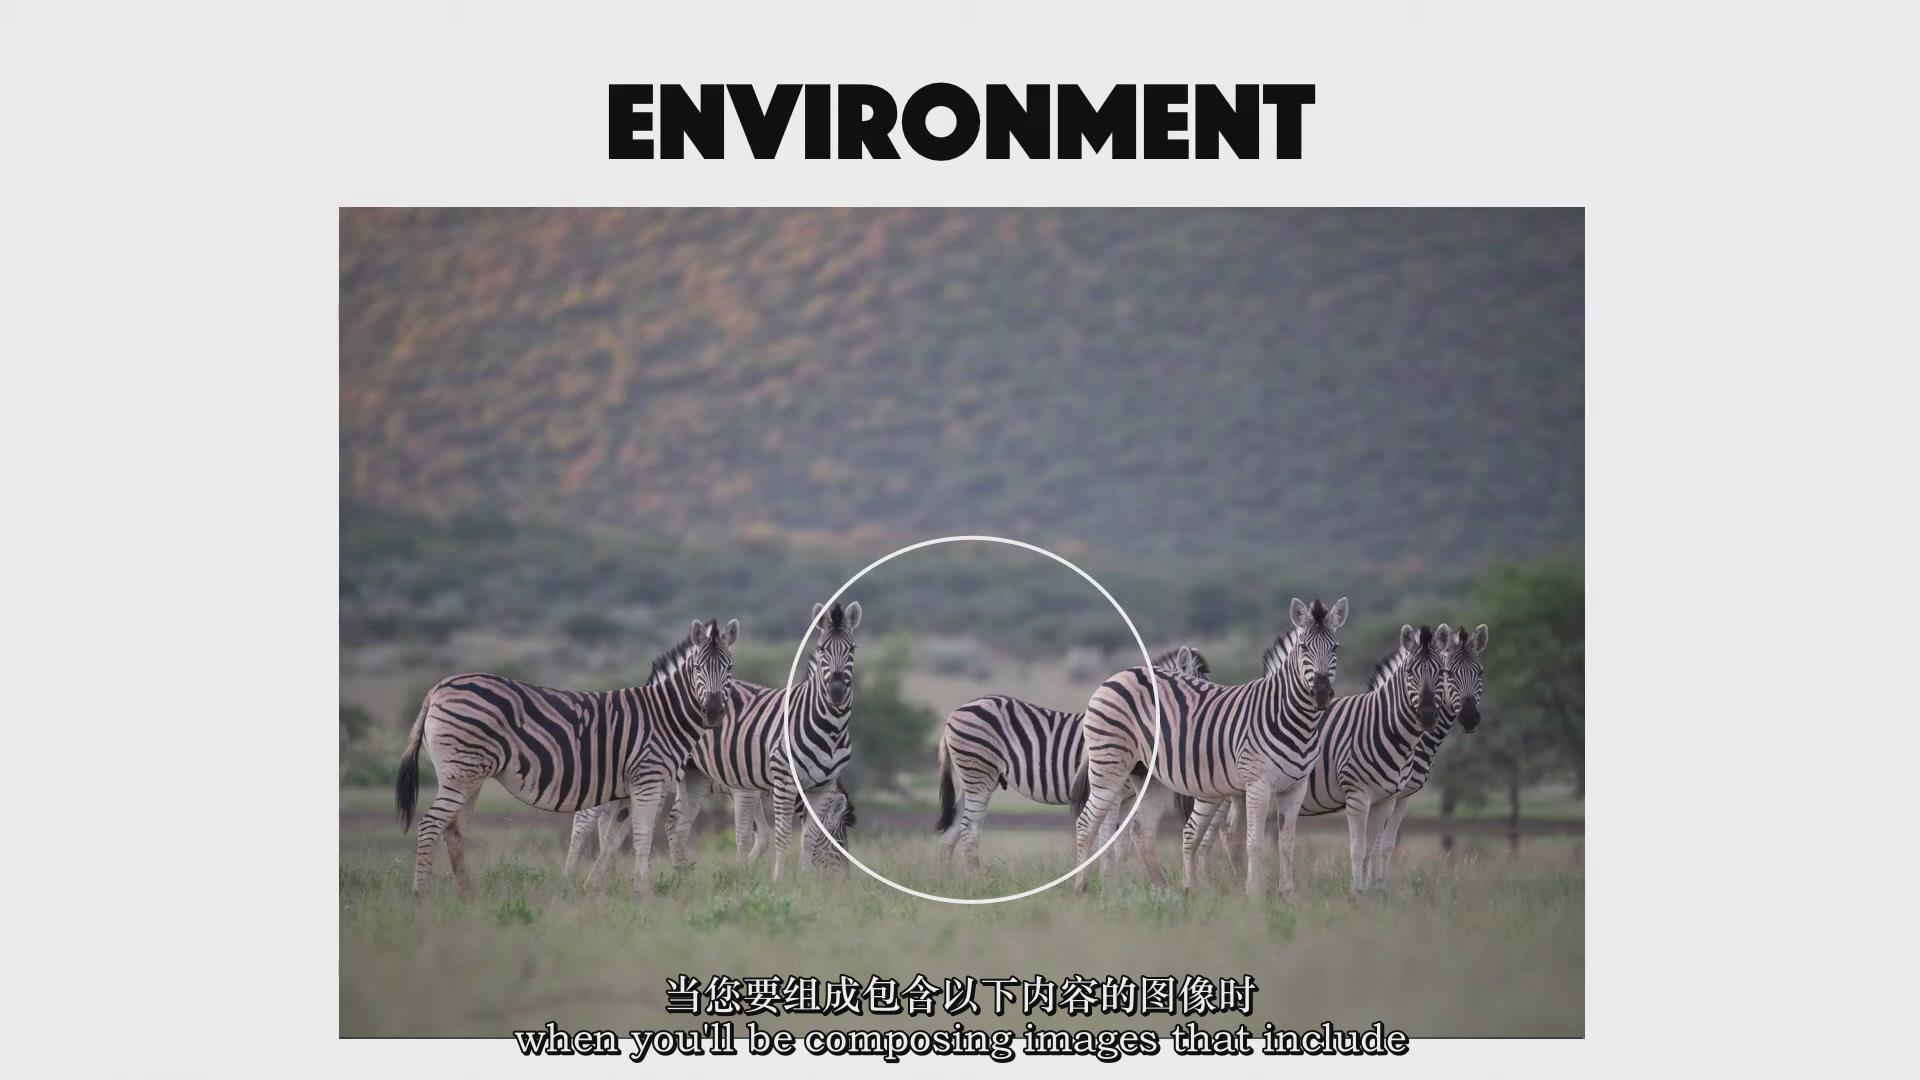 摄影教程_Chase Teron的终极野生动物摄影及后期套装教程附RAW素材-中英字幕 摄影教程 _预览图10